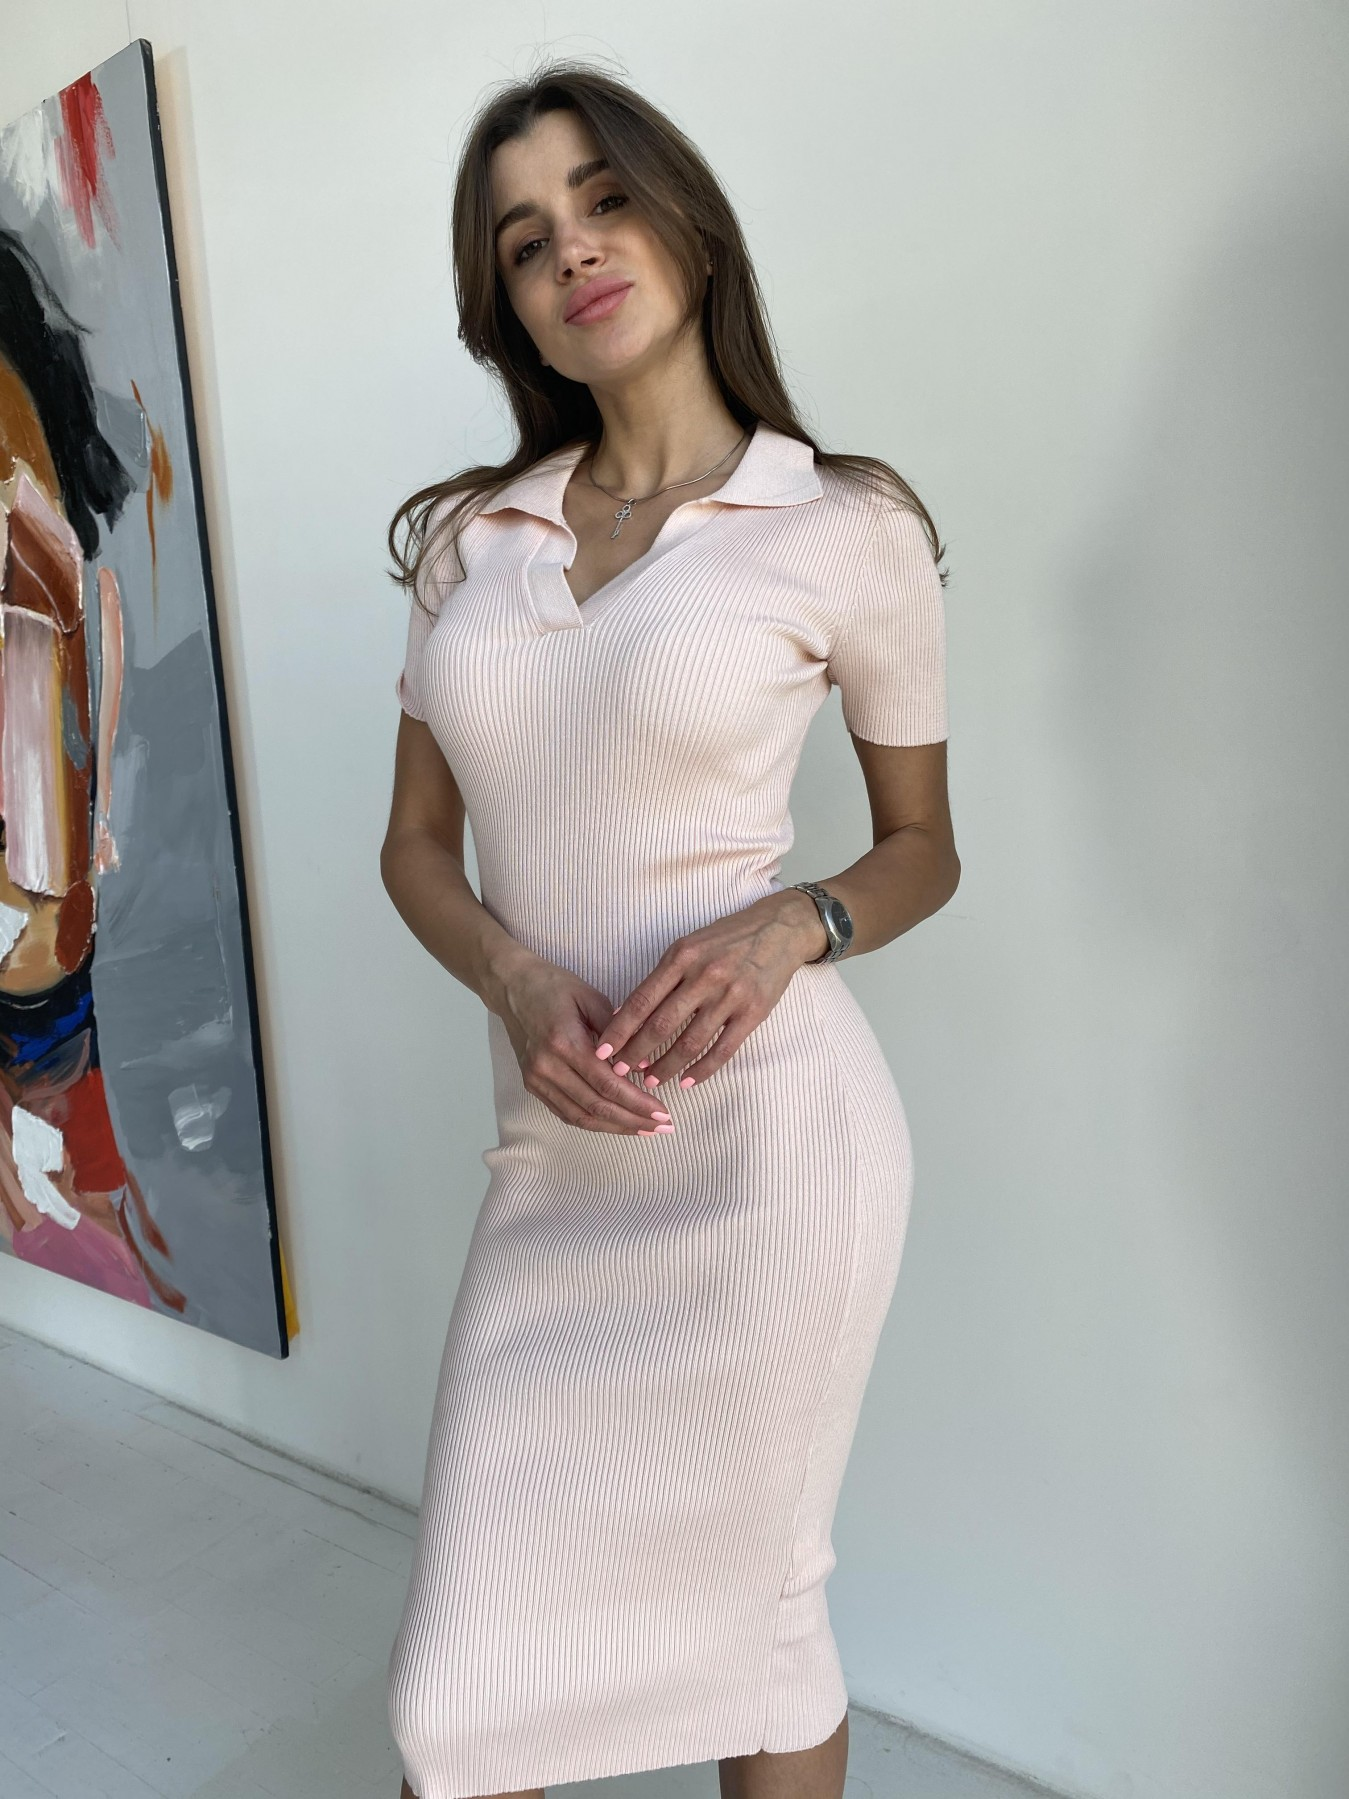 Платье воротник 91688 АРТ. 48068 Цвет: Пудра - фото 6, интернет магазин tm-modus.ru